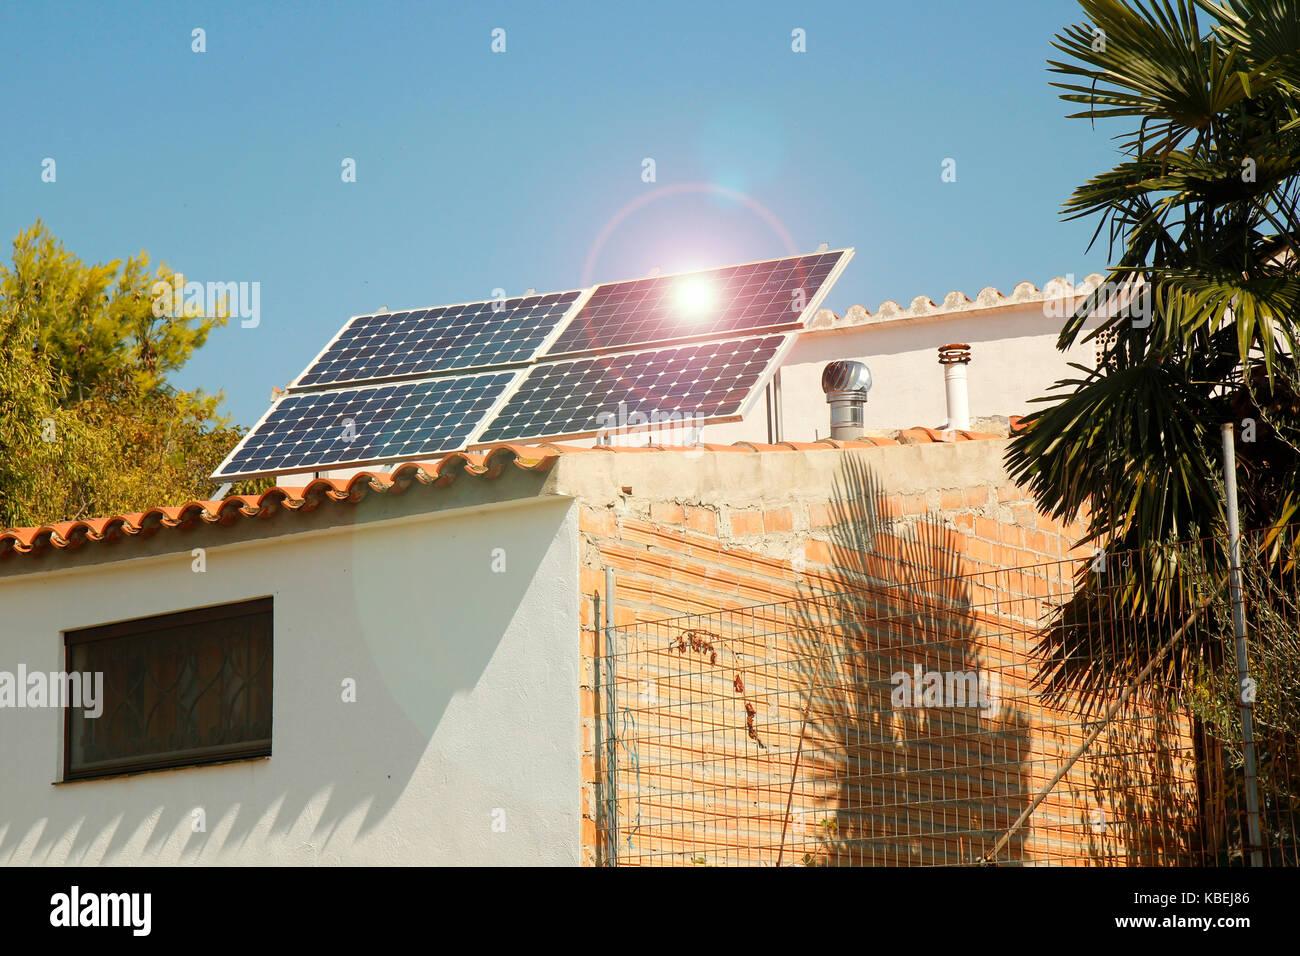 Paneles solares en el techo. Casa rural en penelles, Lleida, Cataluña, España. Imagen De Stock